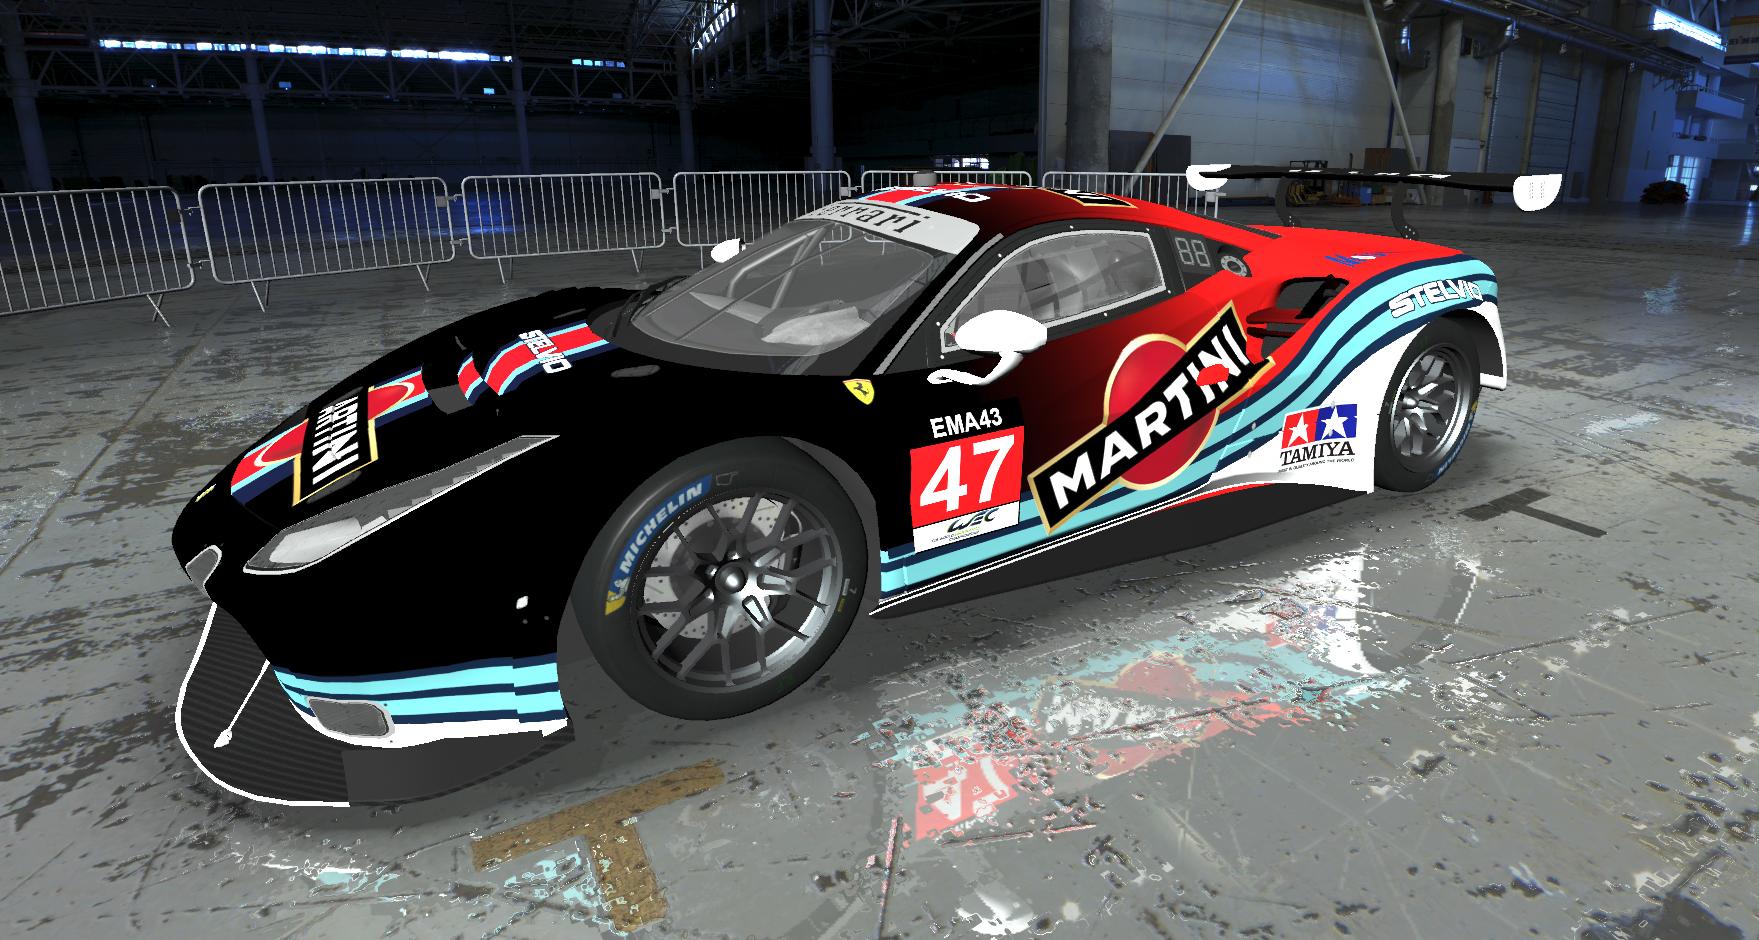 EMA43-Ferrari